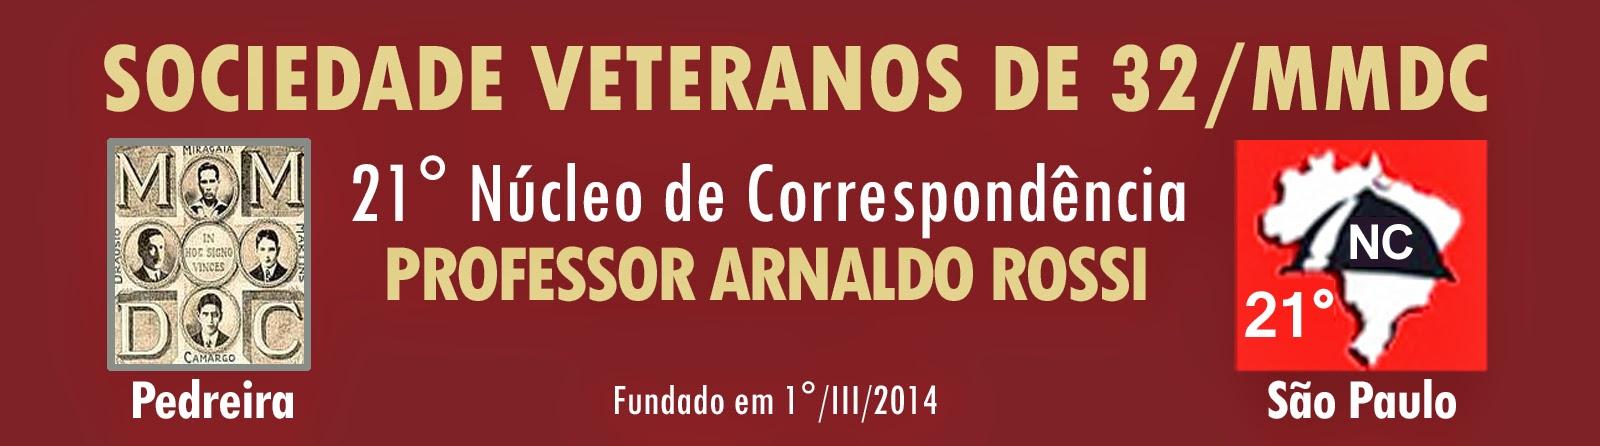 Blog do 21° Núcleo MMDC Prof. Arnaldo Rossi